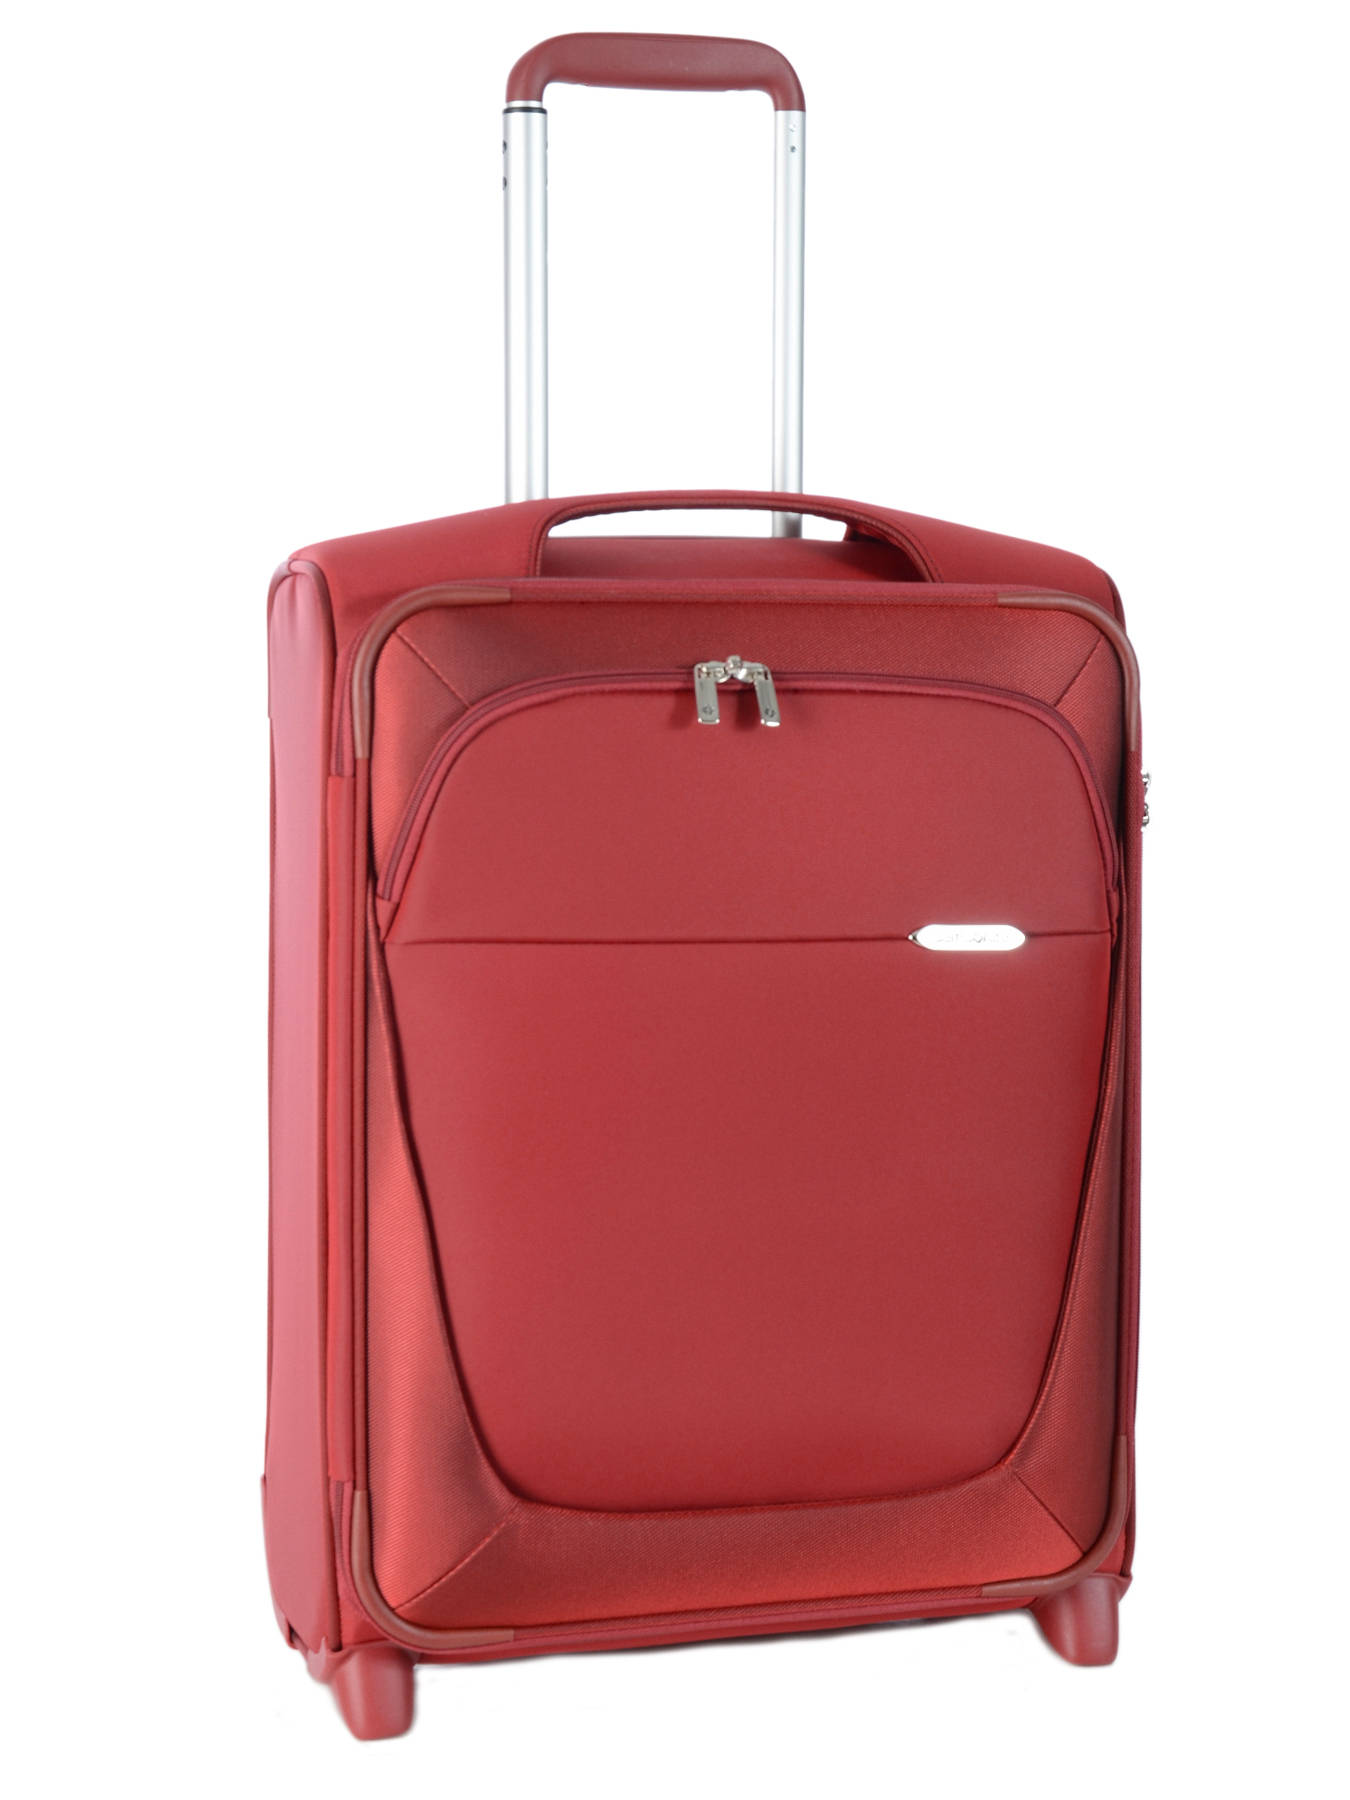 valise cabine samsonite b lite 3 b lite 3 sur. Black Bedroom Furniture Sets. Home Design Ideas